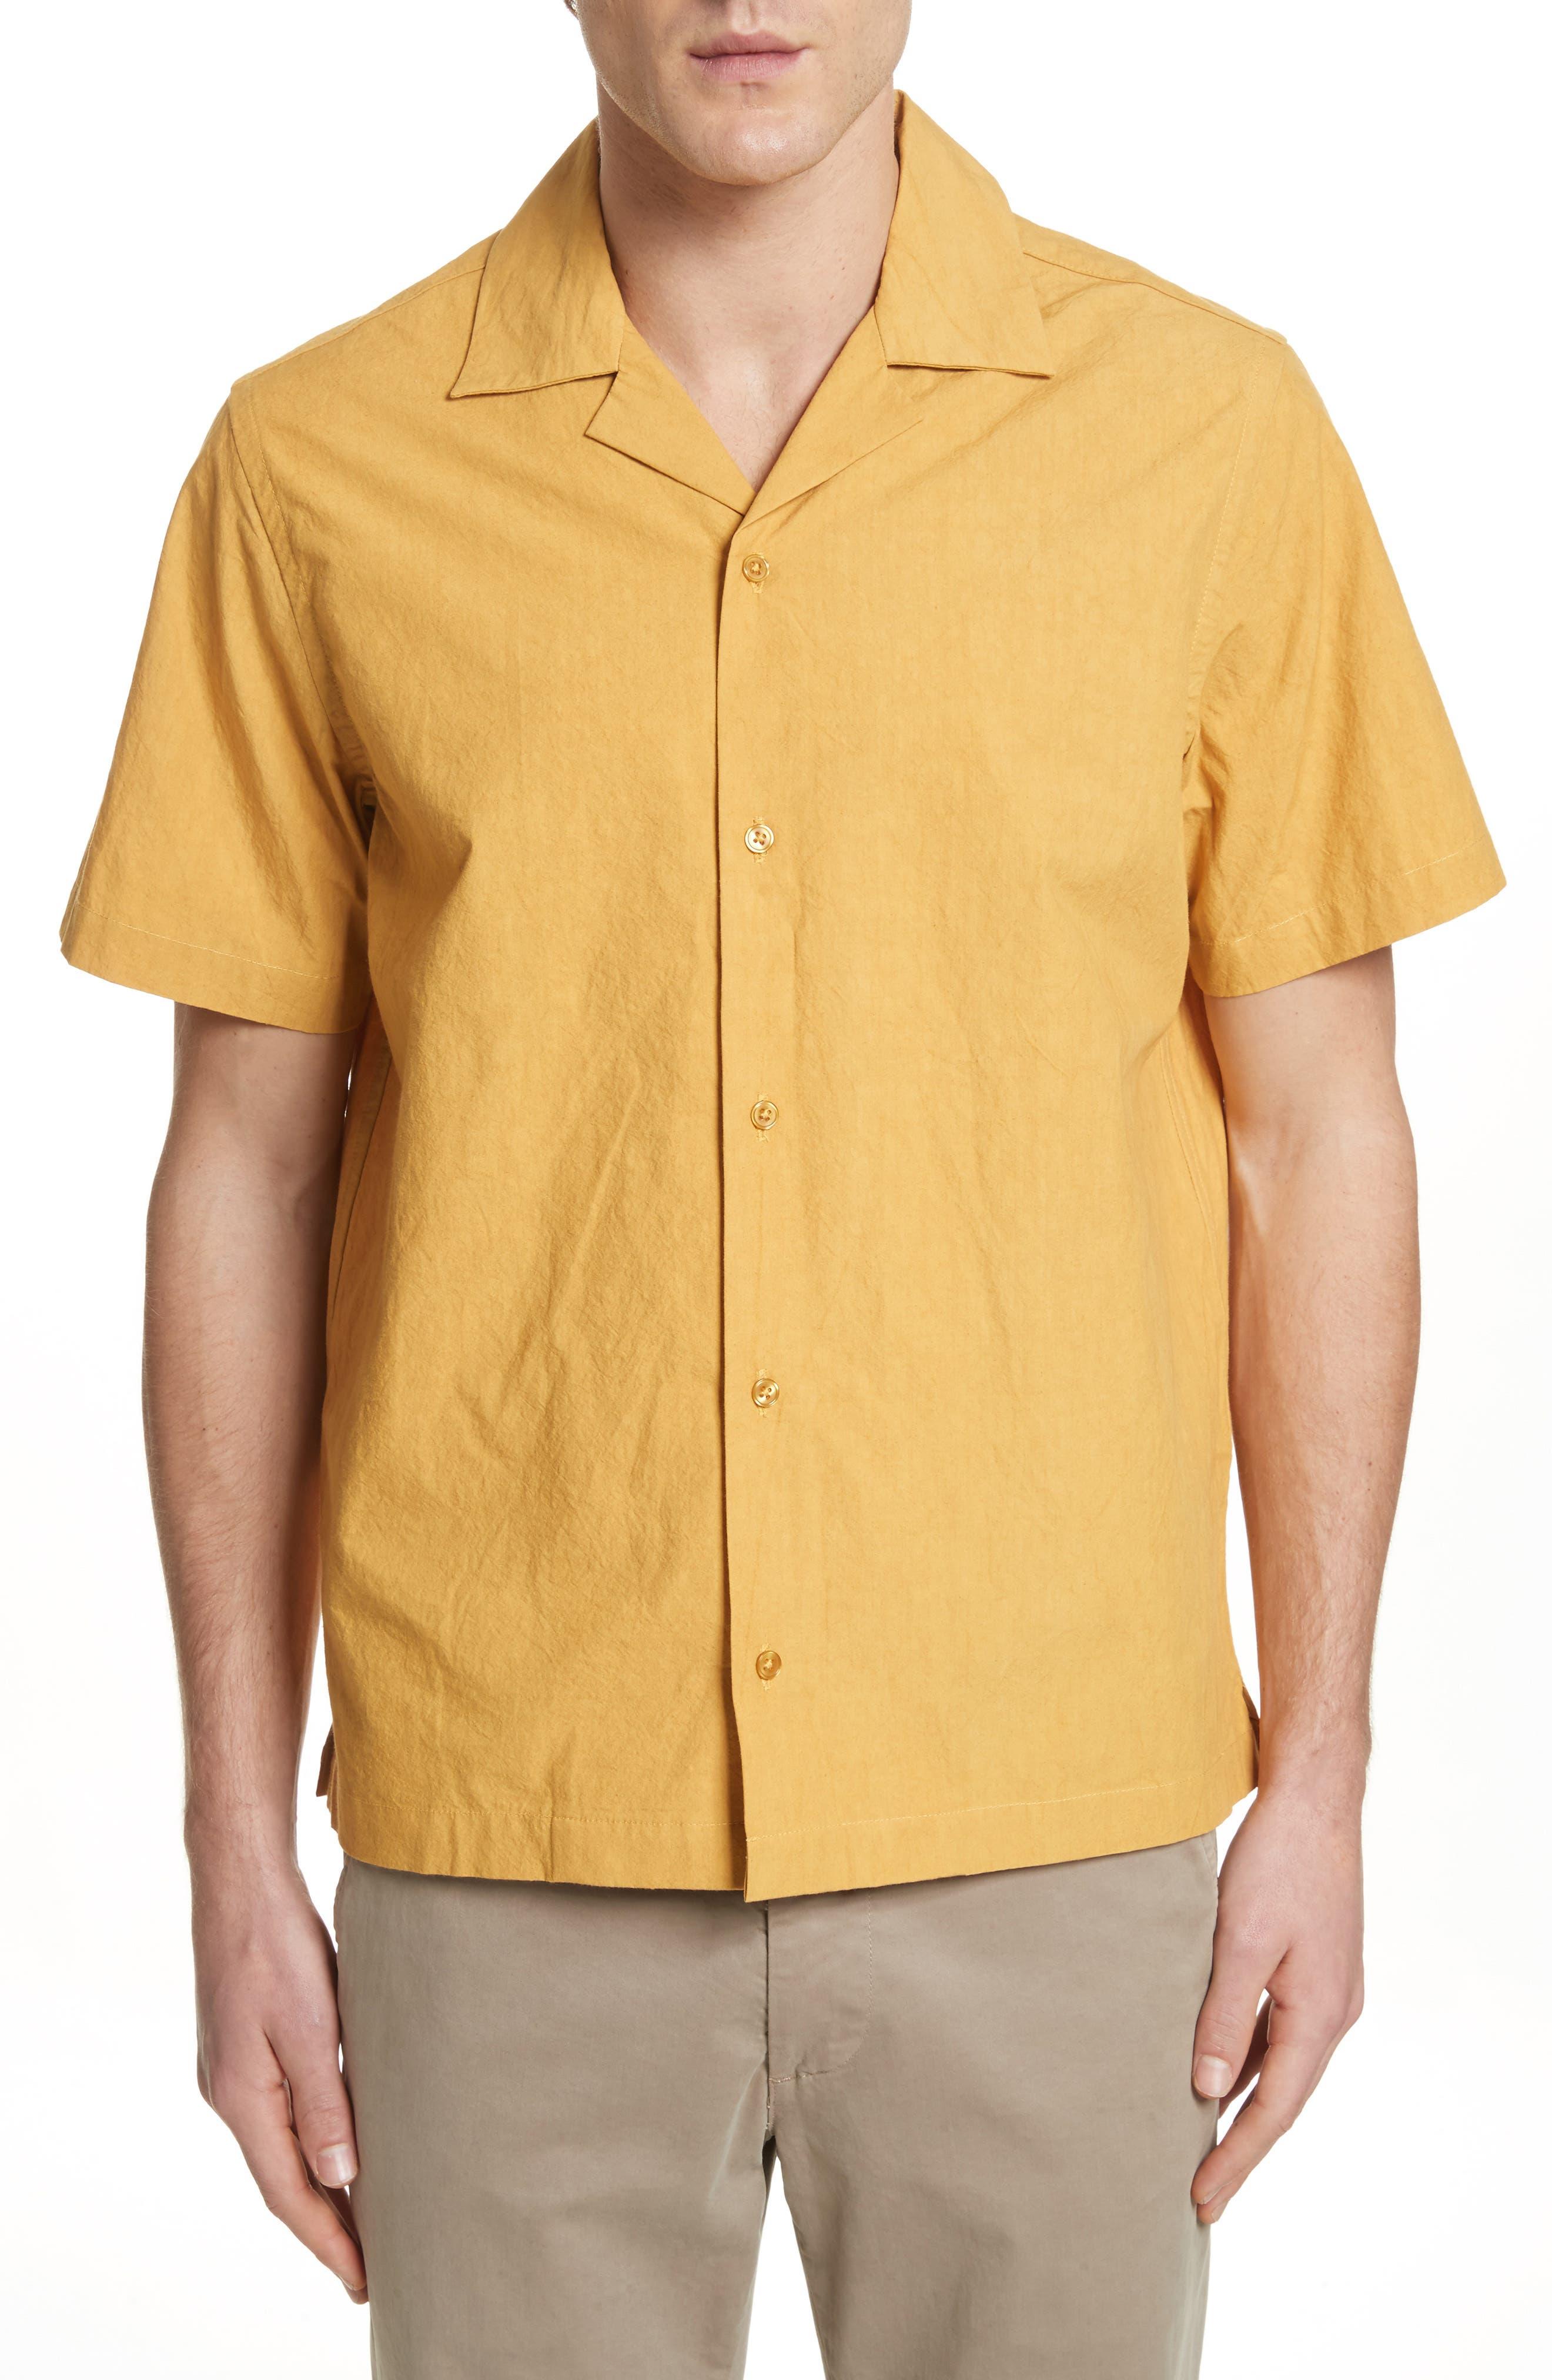 Canty Woven Camp Shirt,                             Main thumbnail 1, color,                             725